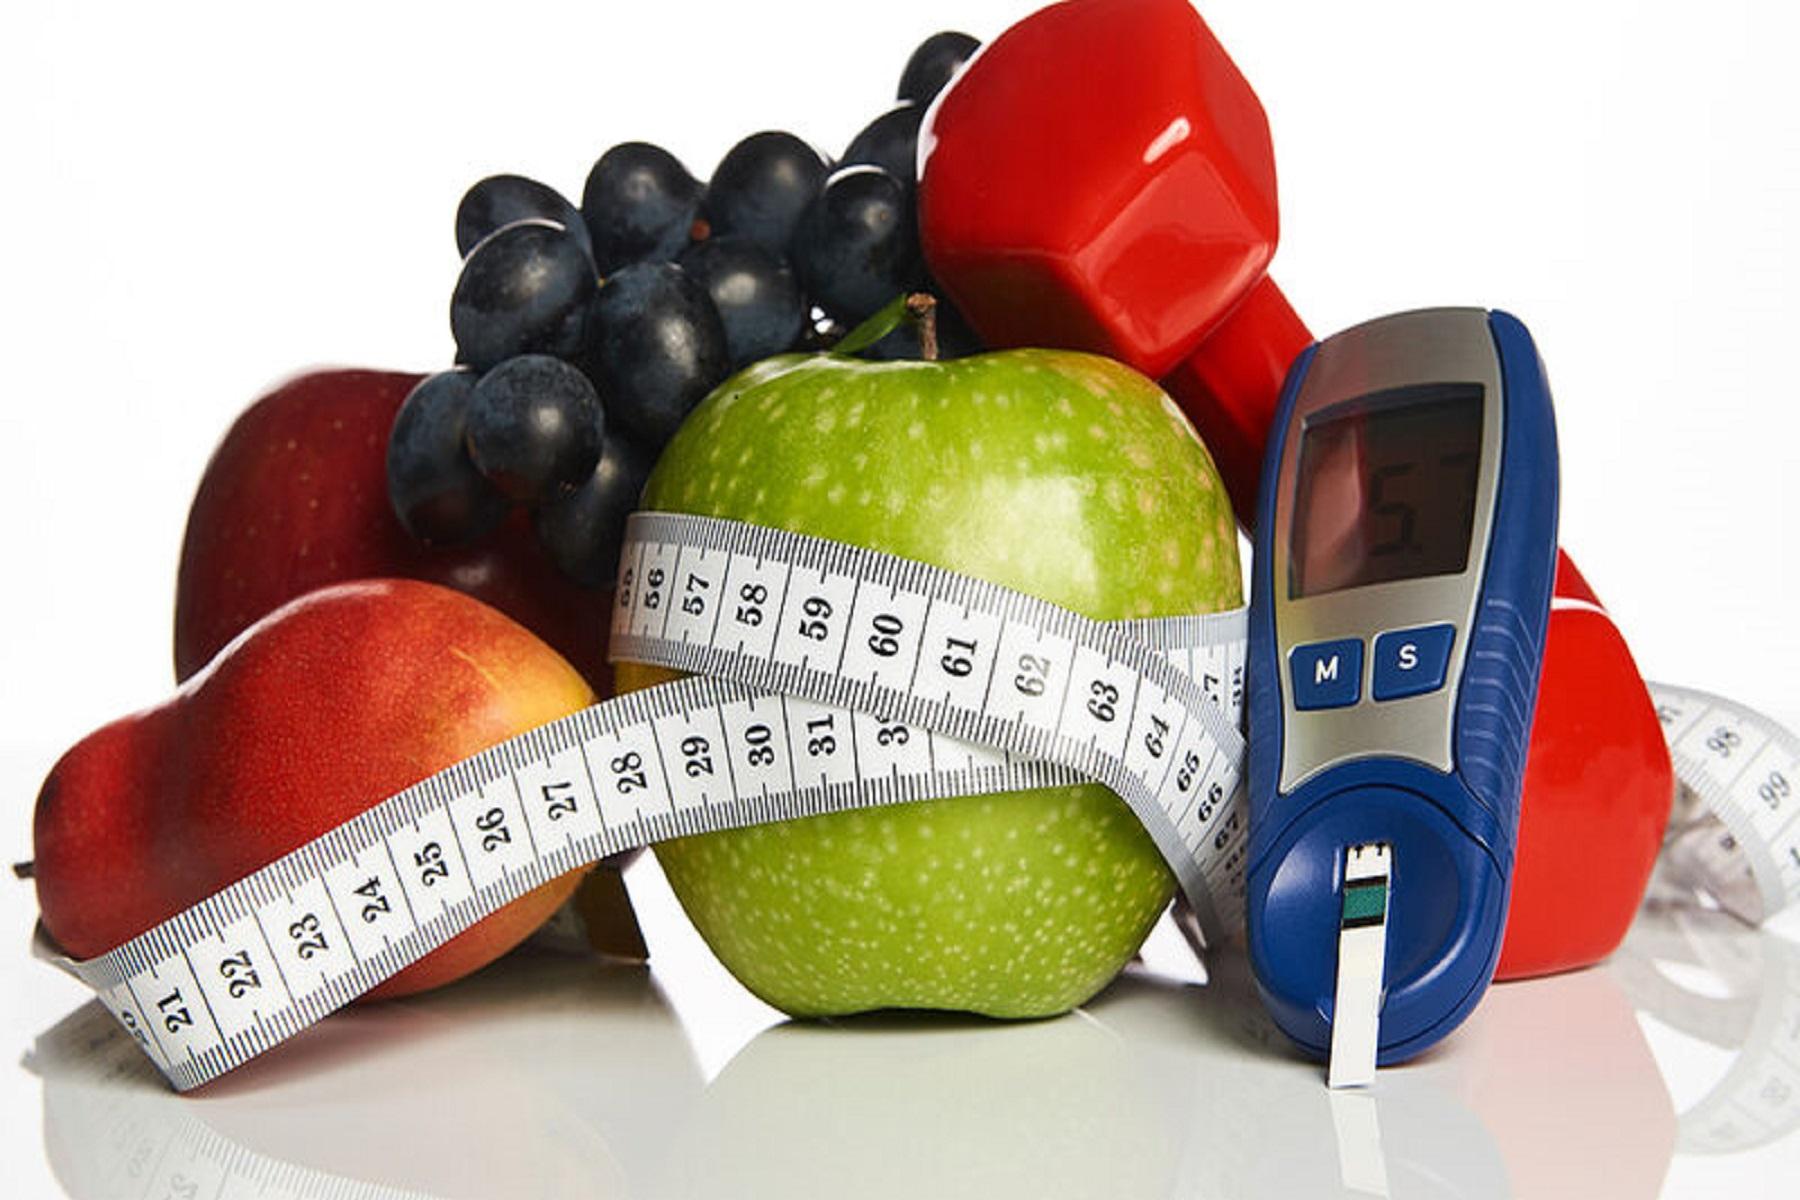 Διαβήτης Έρευνα: Ο σημαντικότερος παράγοντας κινδύνου